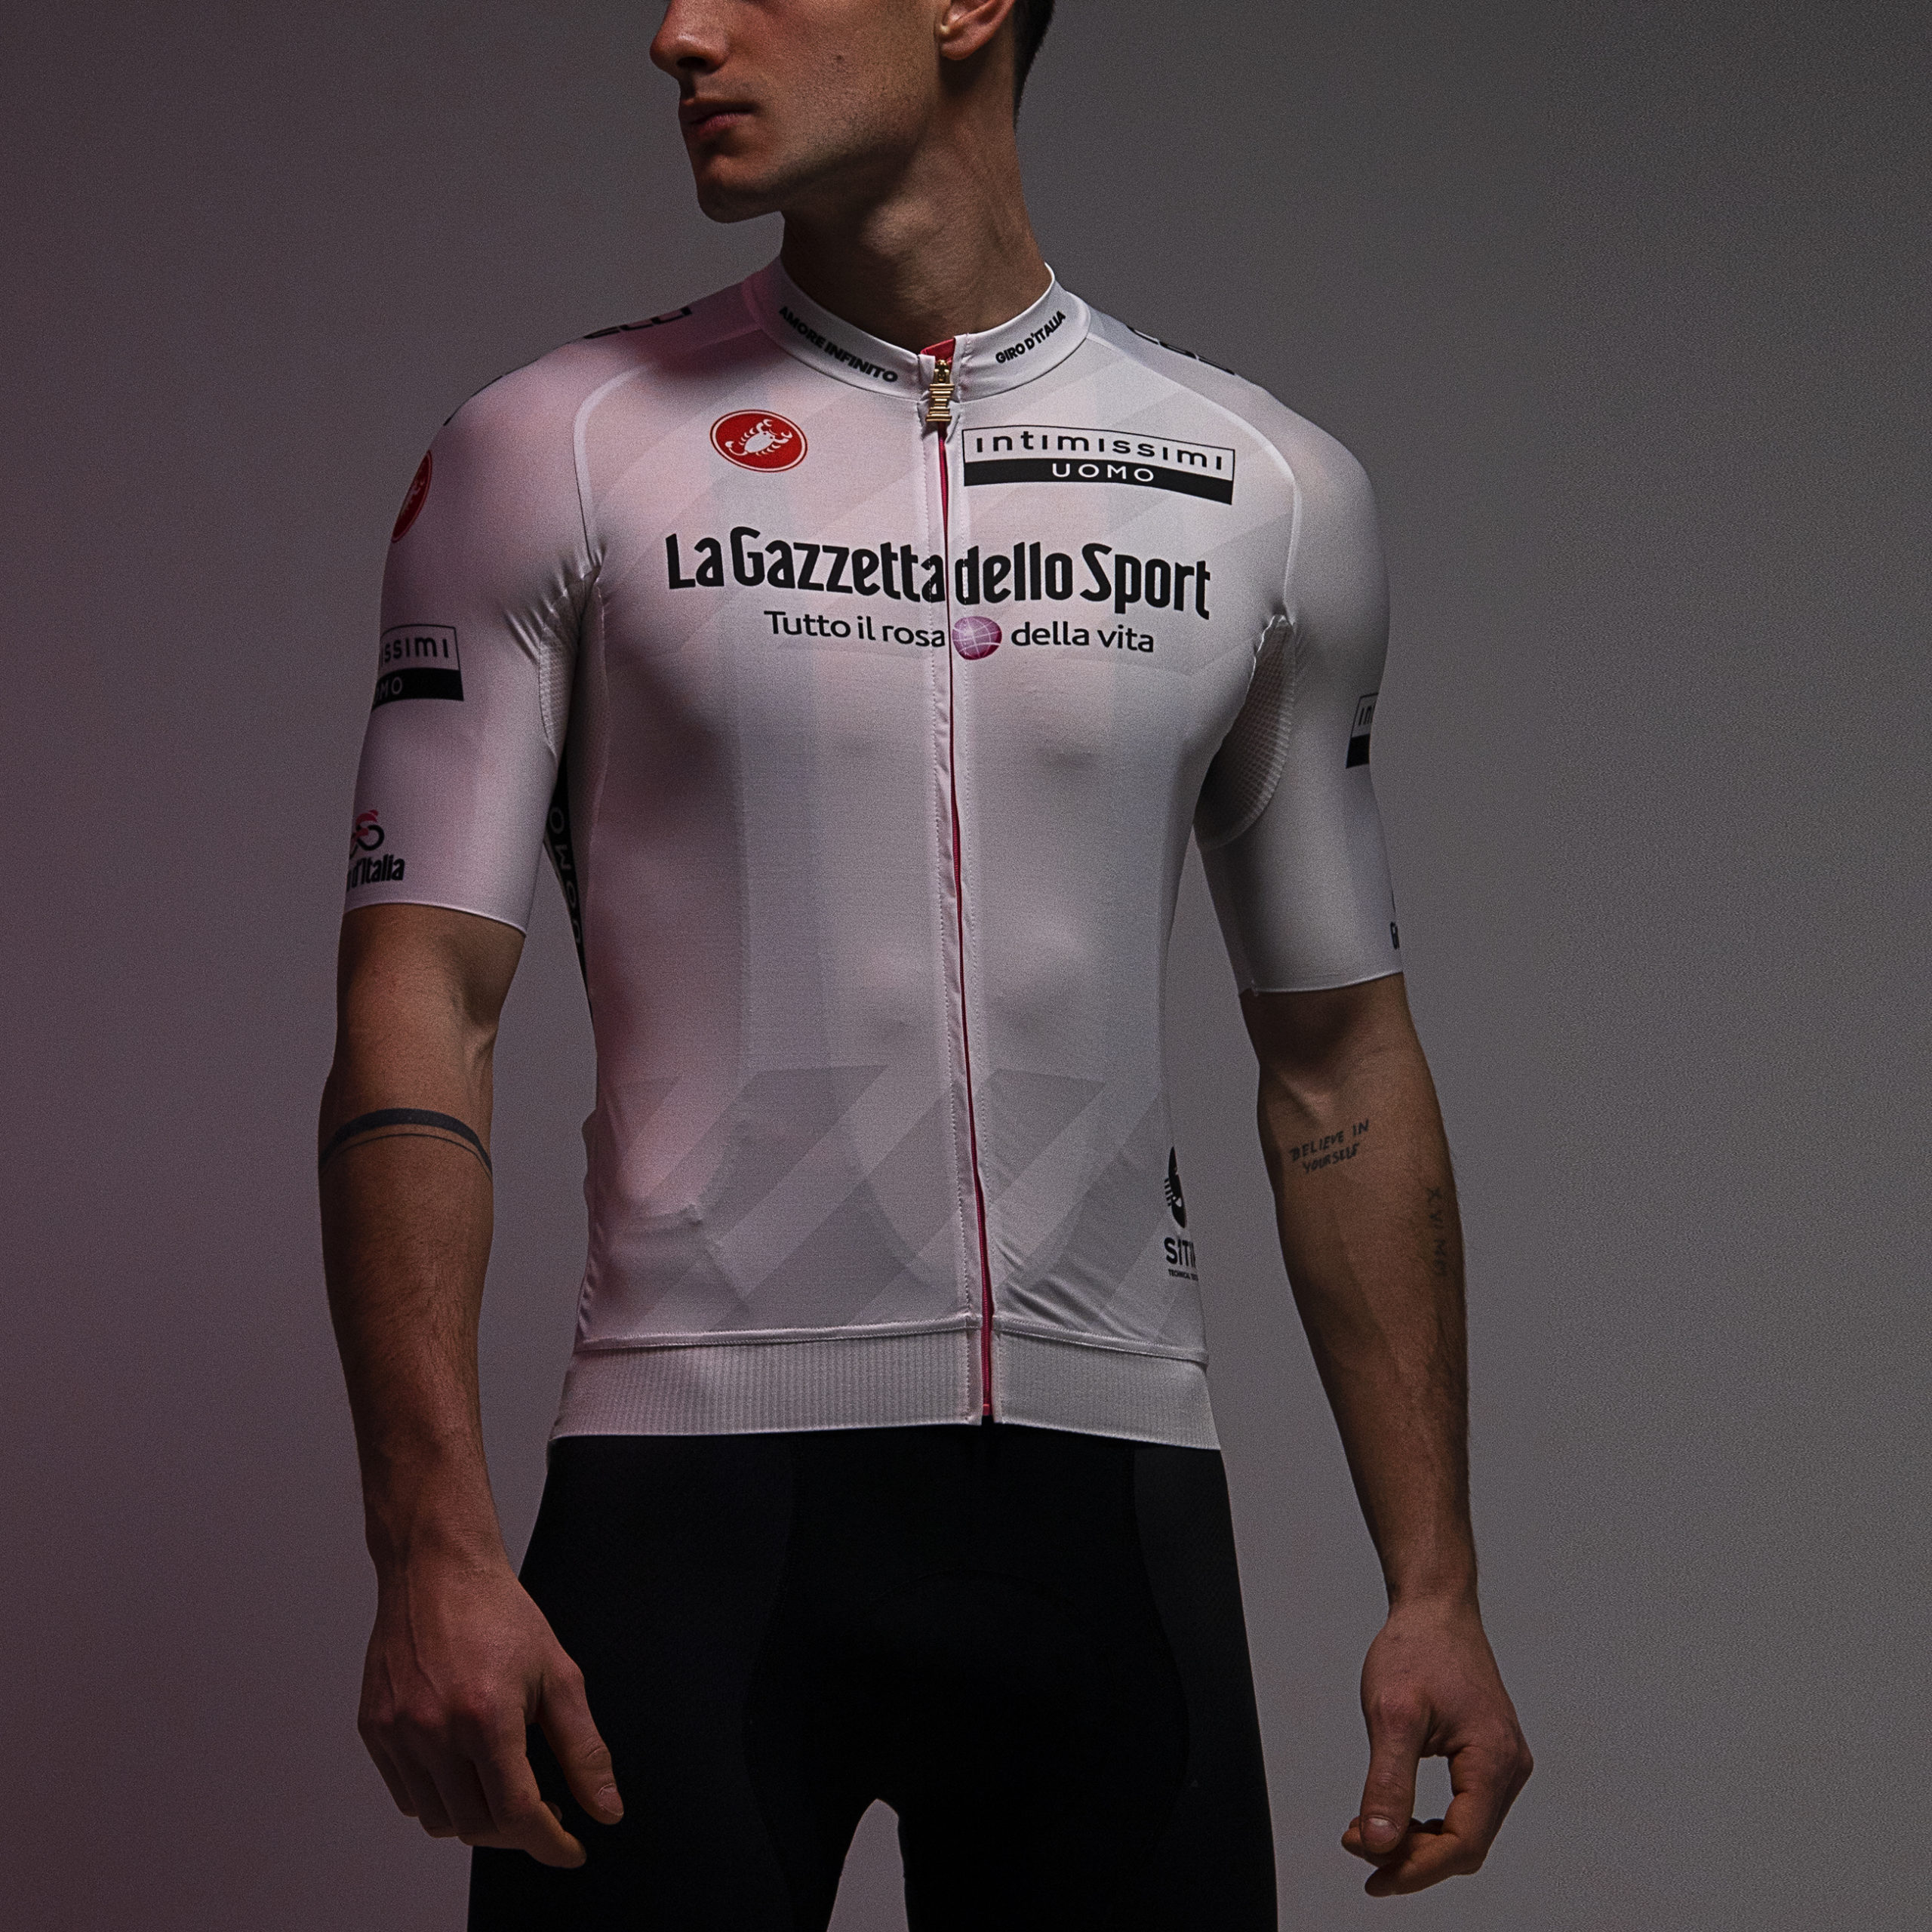 Intimissimi Uomo Giro d'Italia 2021